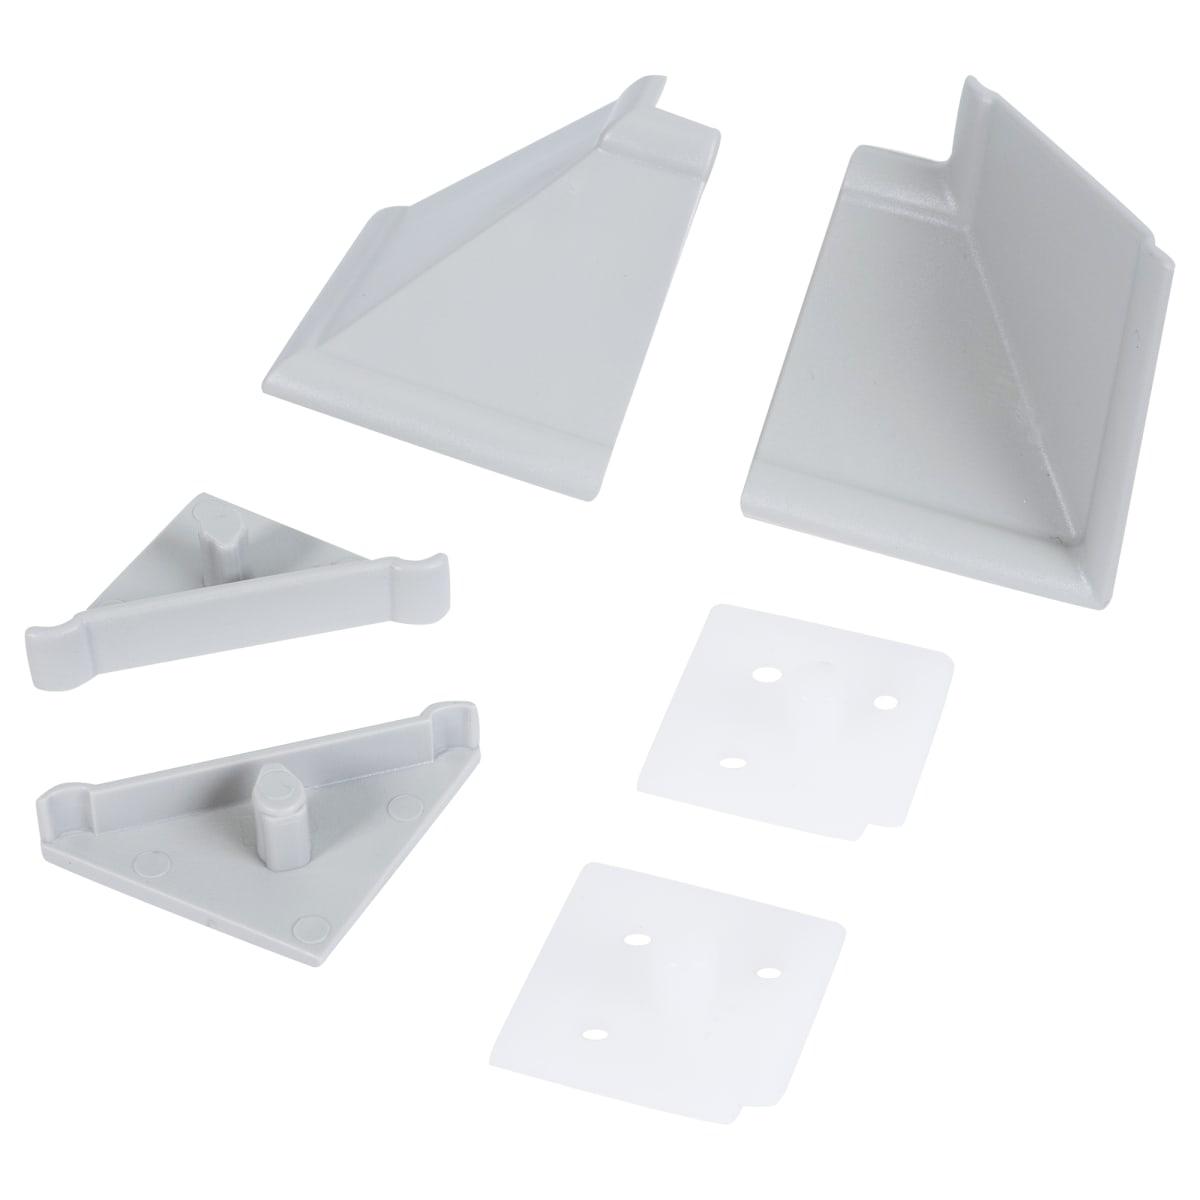 Комплект для установки плинтуса, цвет серый